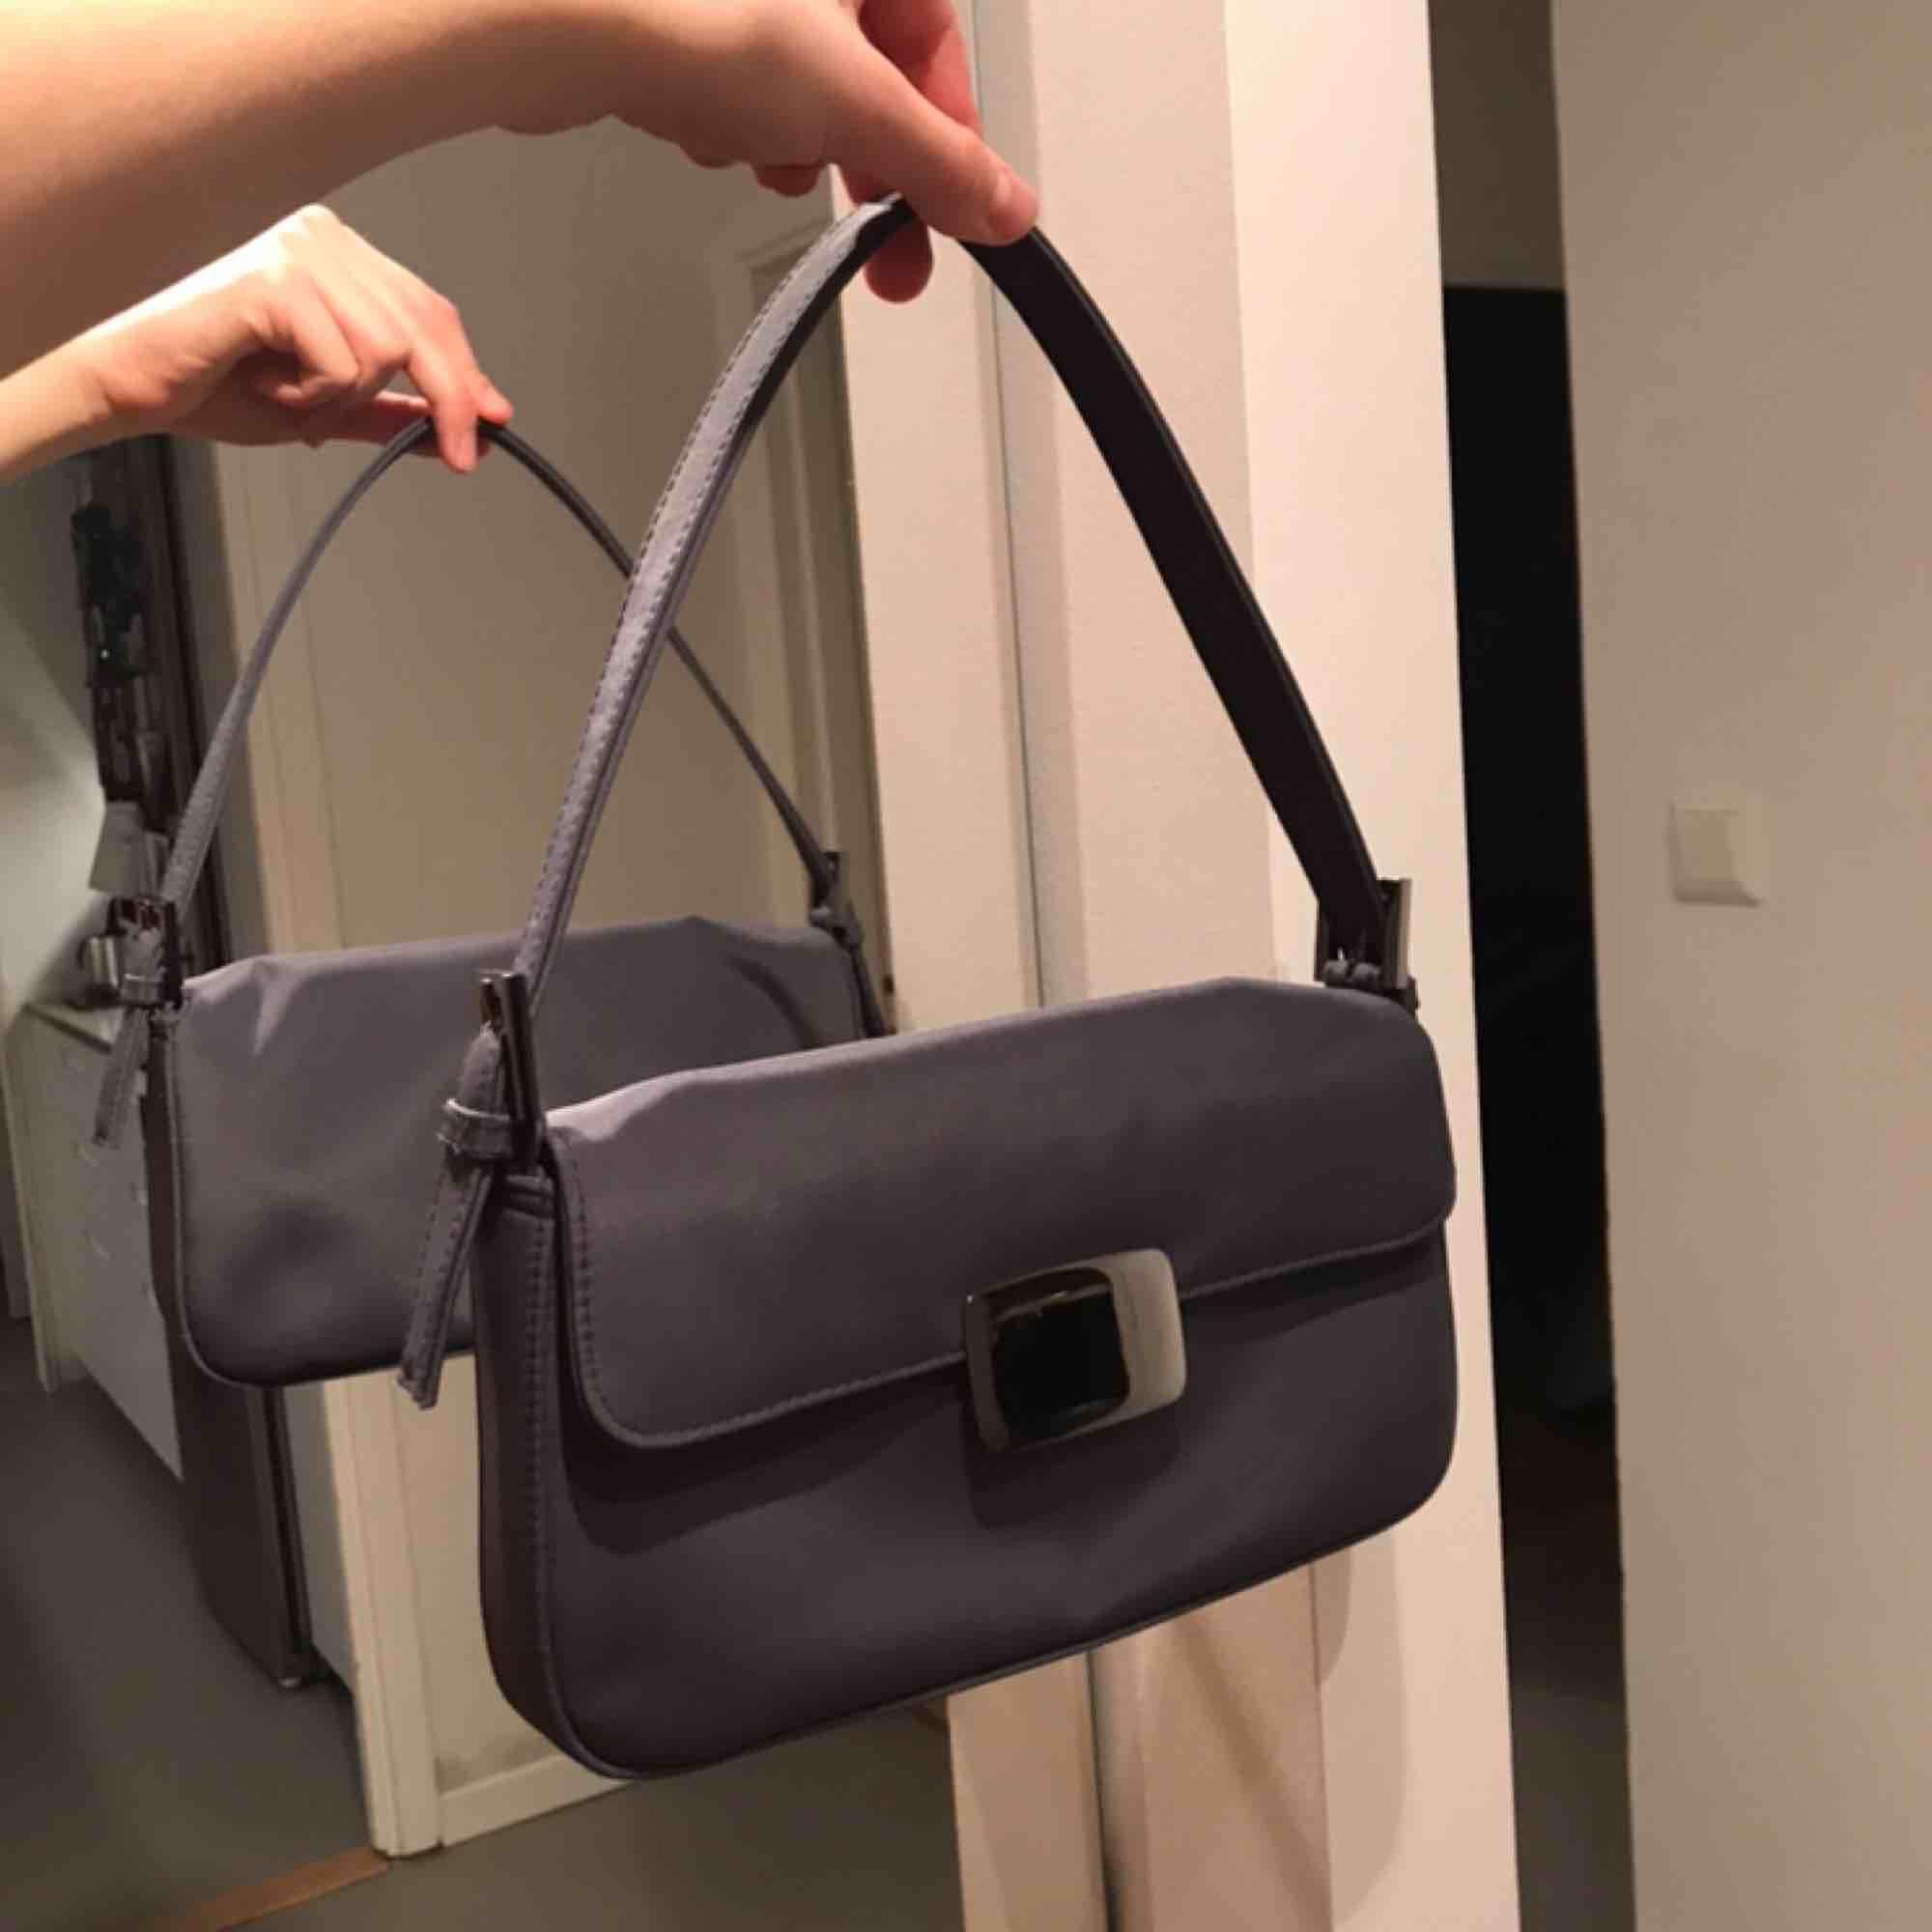 Asfin miniväska/shoulderbag i en gråblå färg, väskan är som ny! Lite repor på spännet men jag ser dem knappt🤪. Väskor.